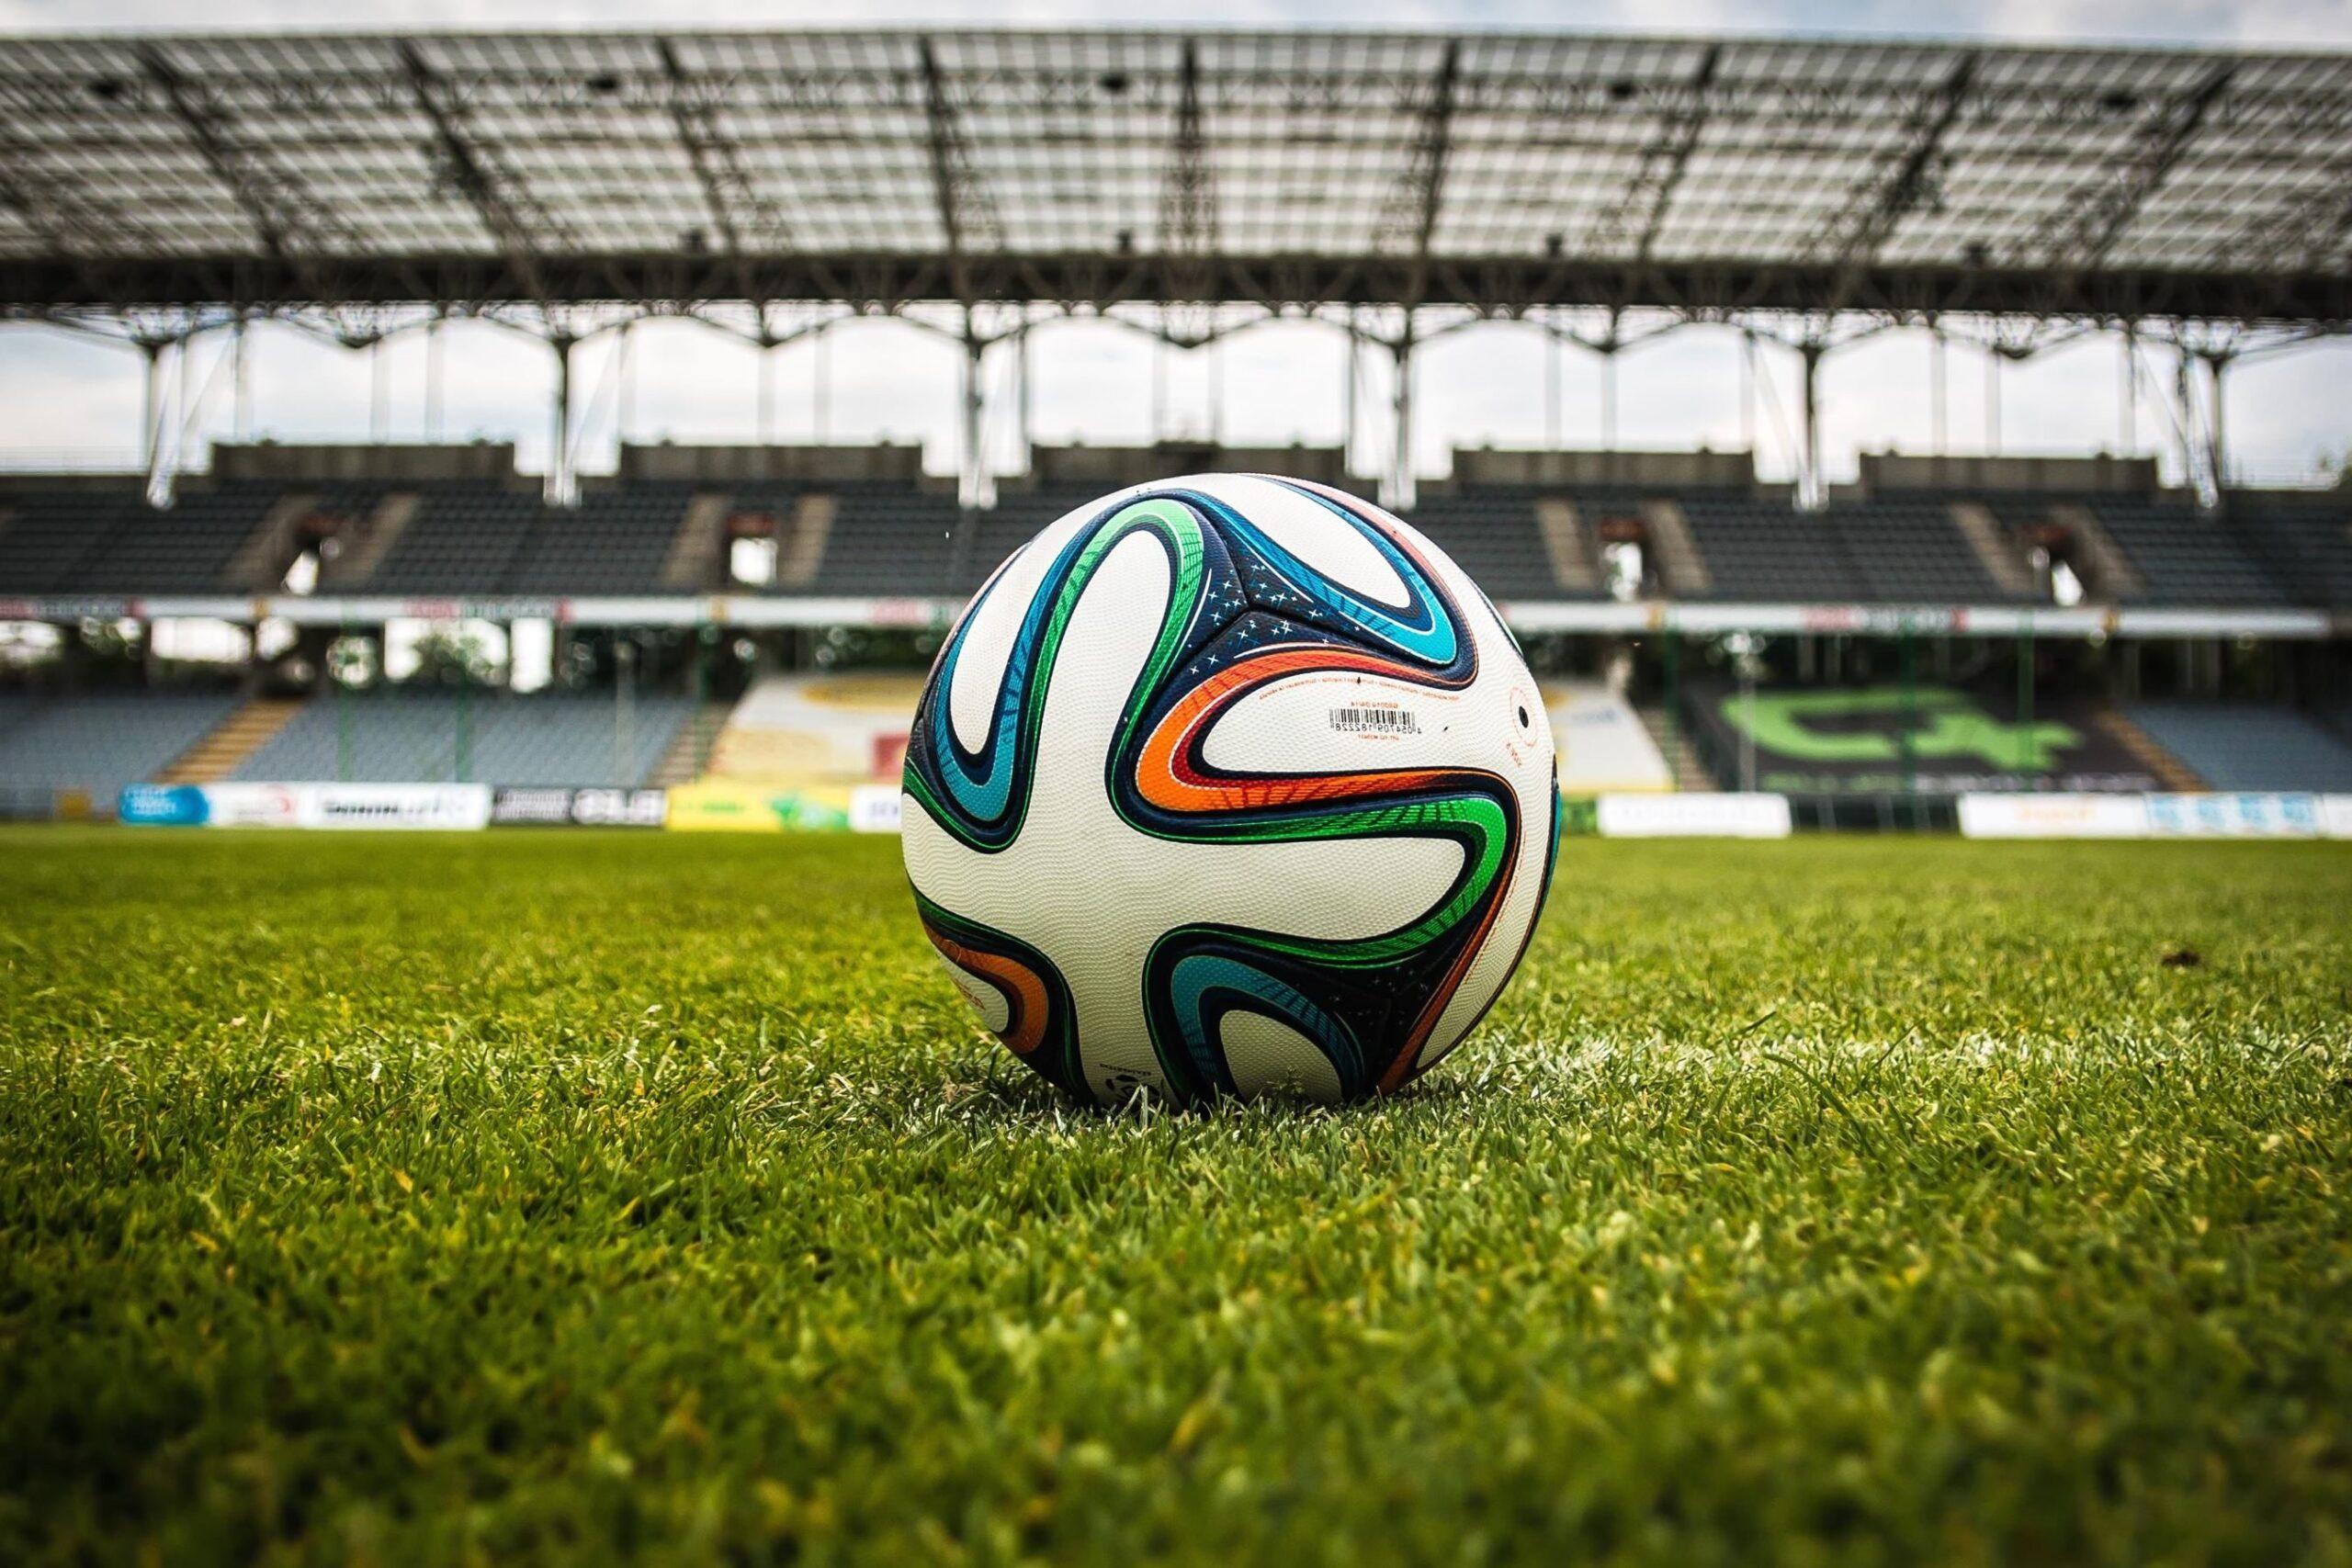 Chi Gioca oggi? | Tutte le partite di Serie A e Serie B